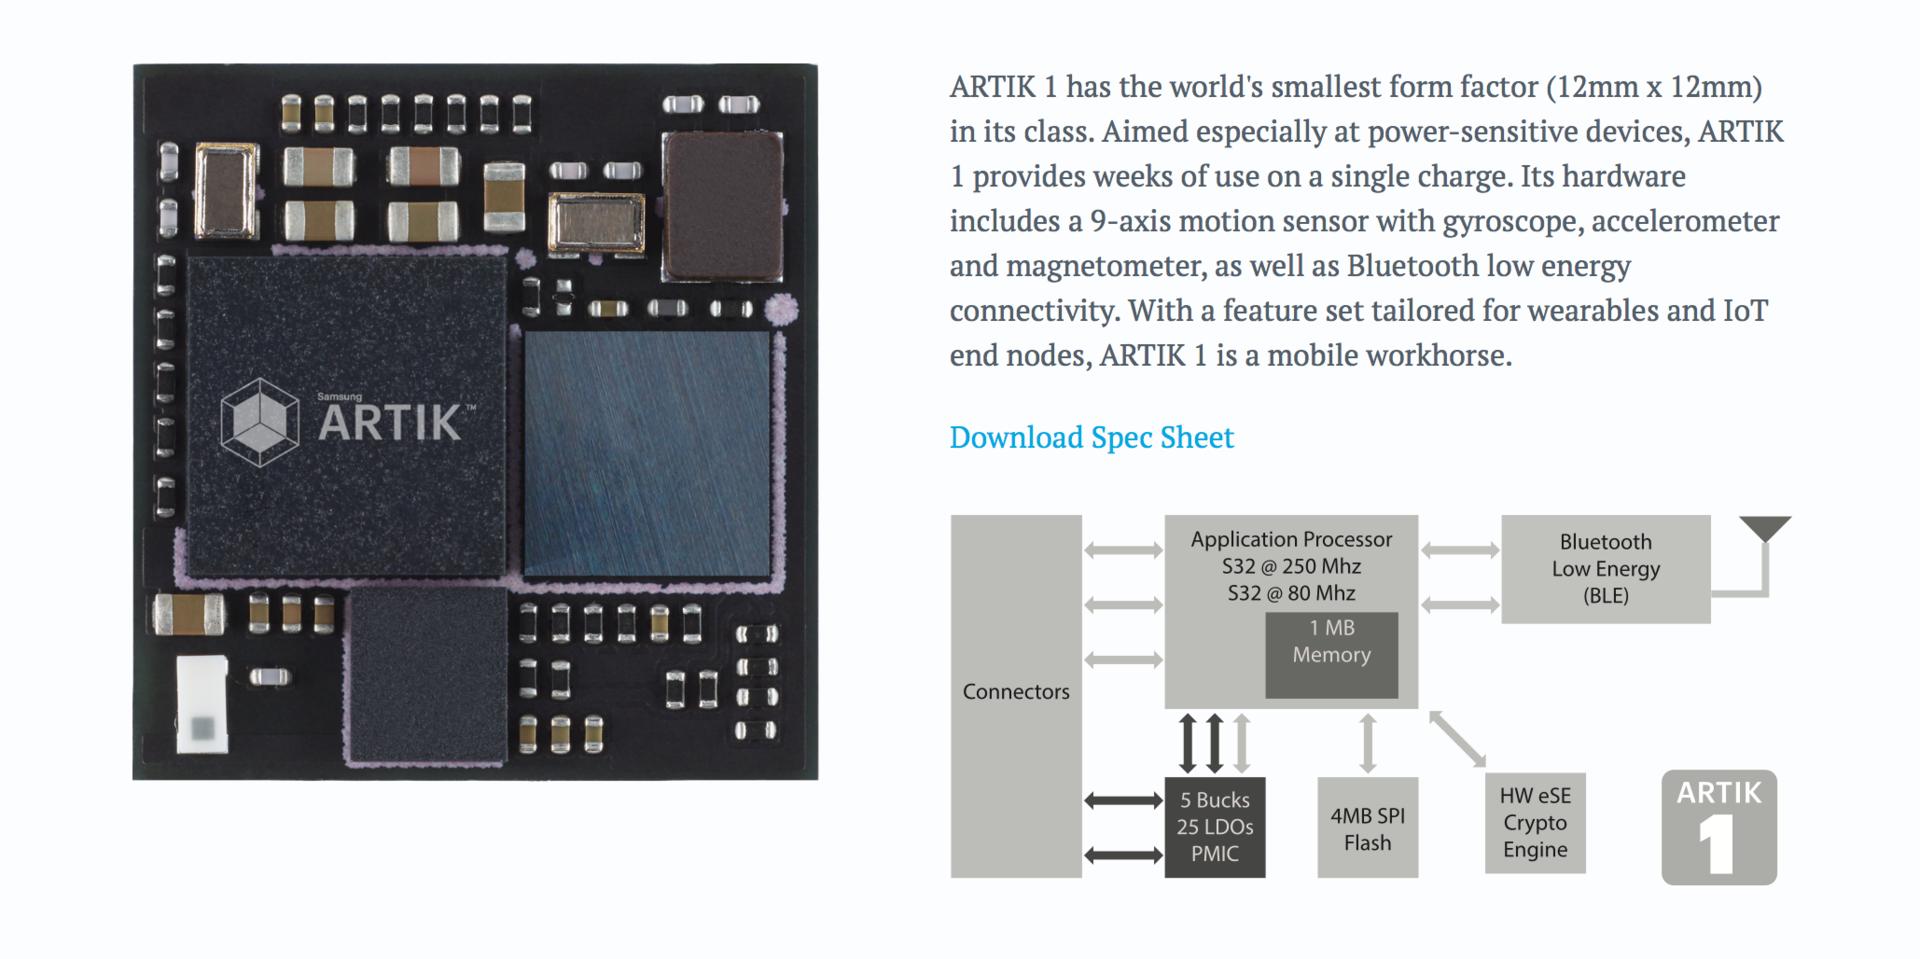 Samsung и Huawei запускают свои платформы для умного дома - 3